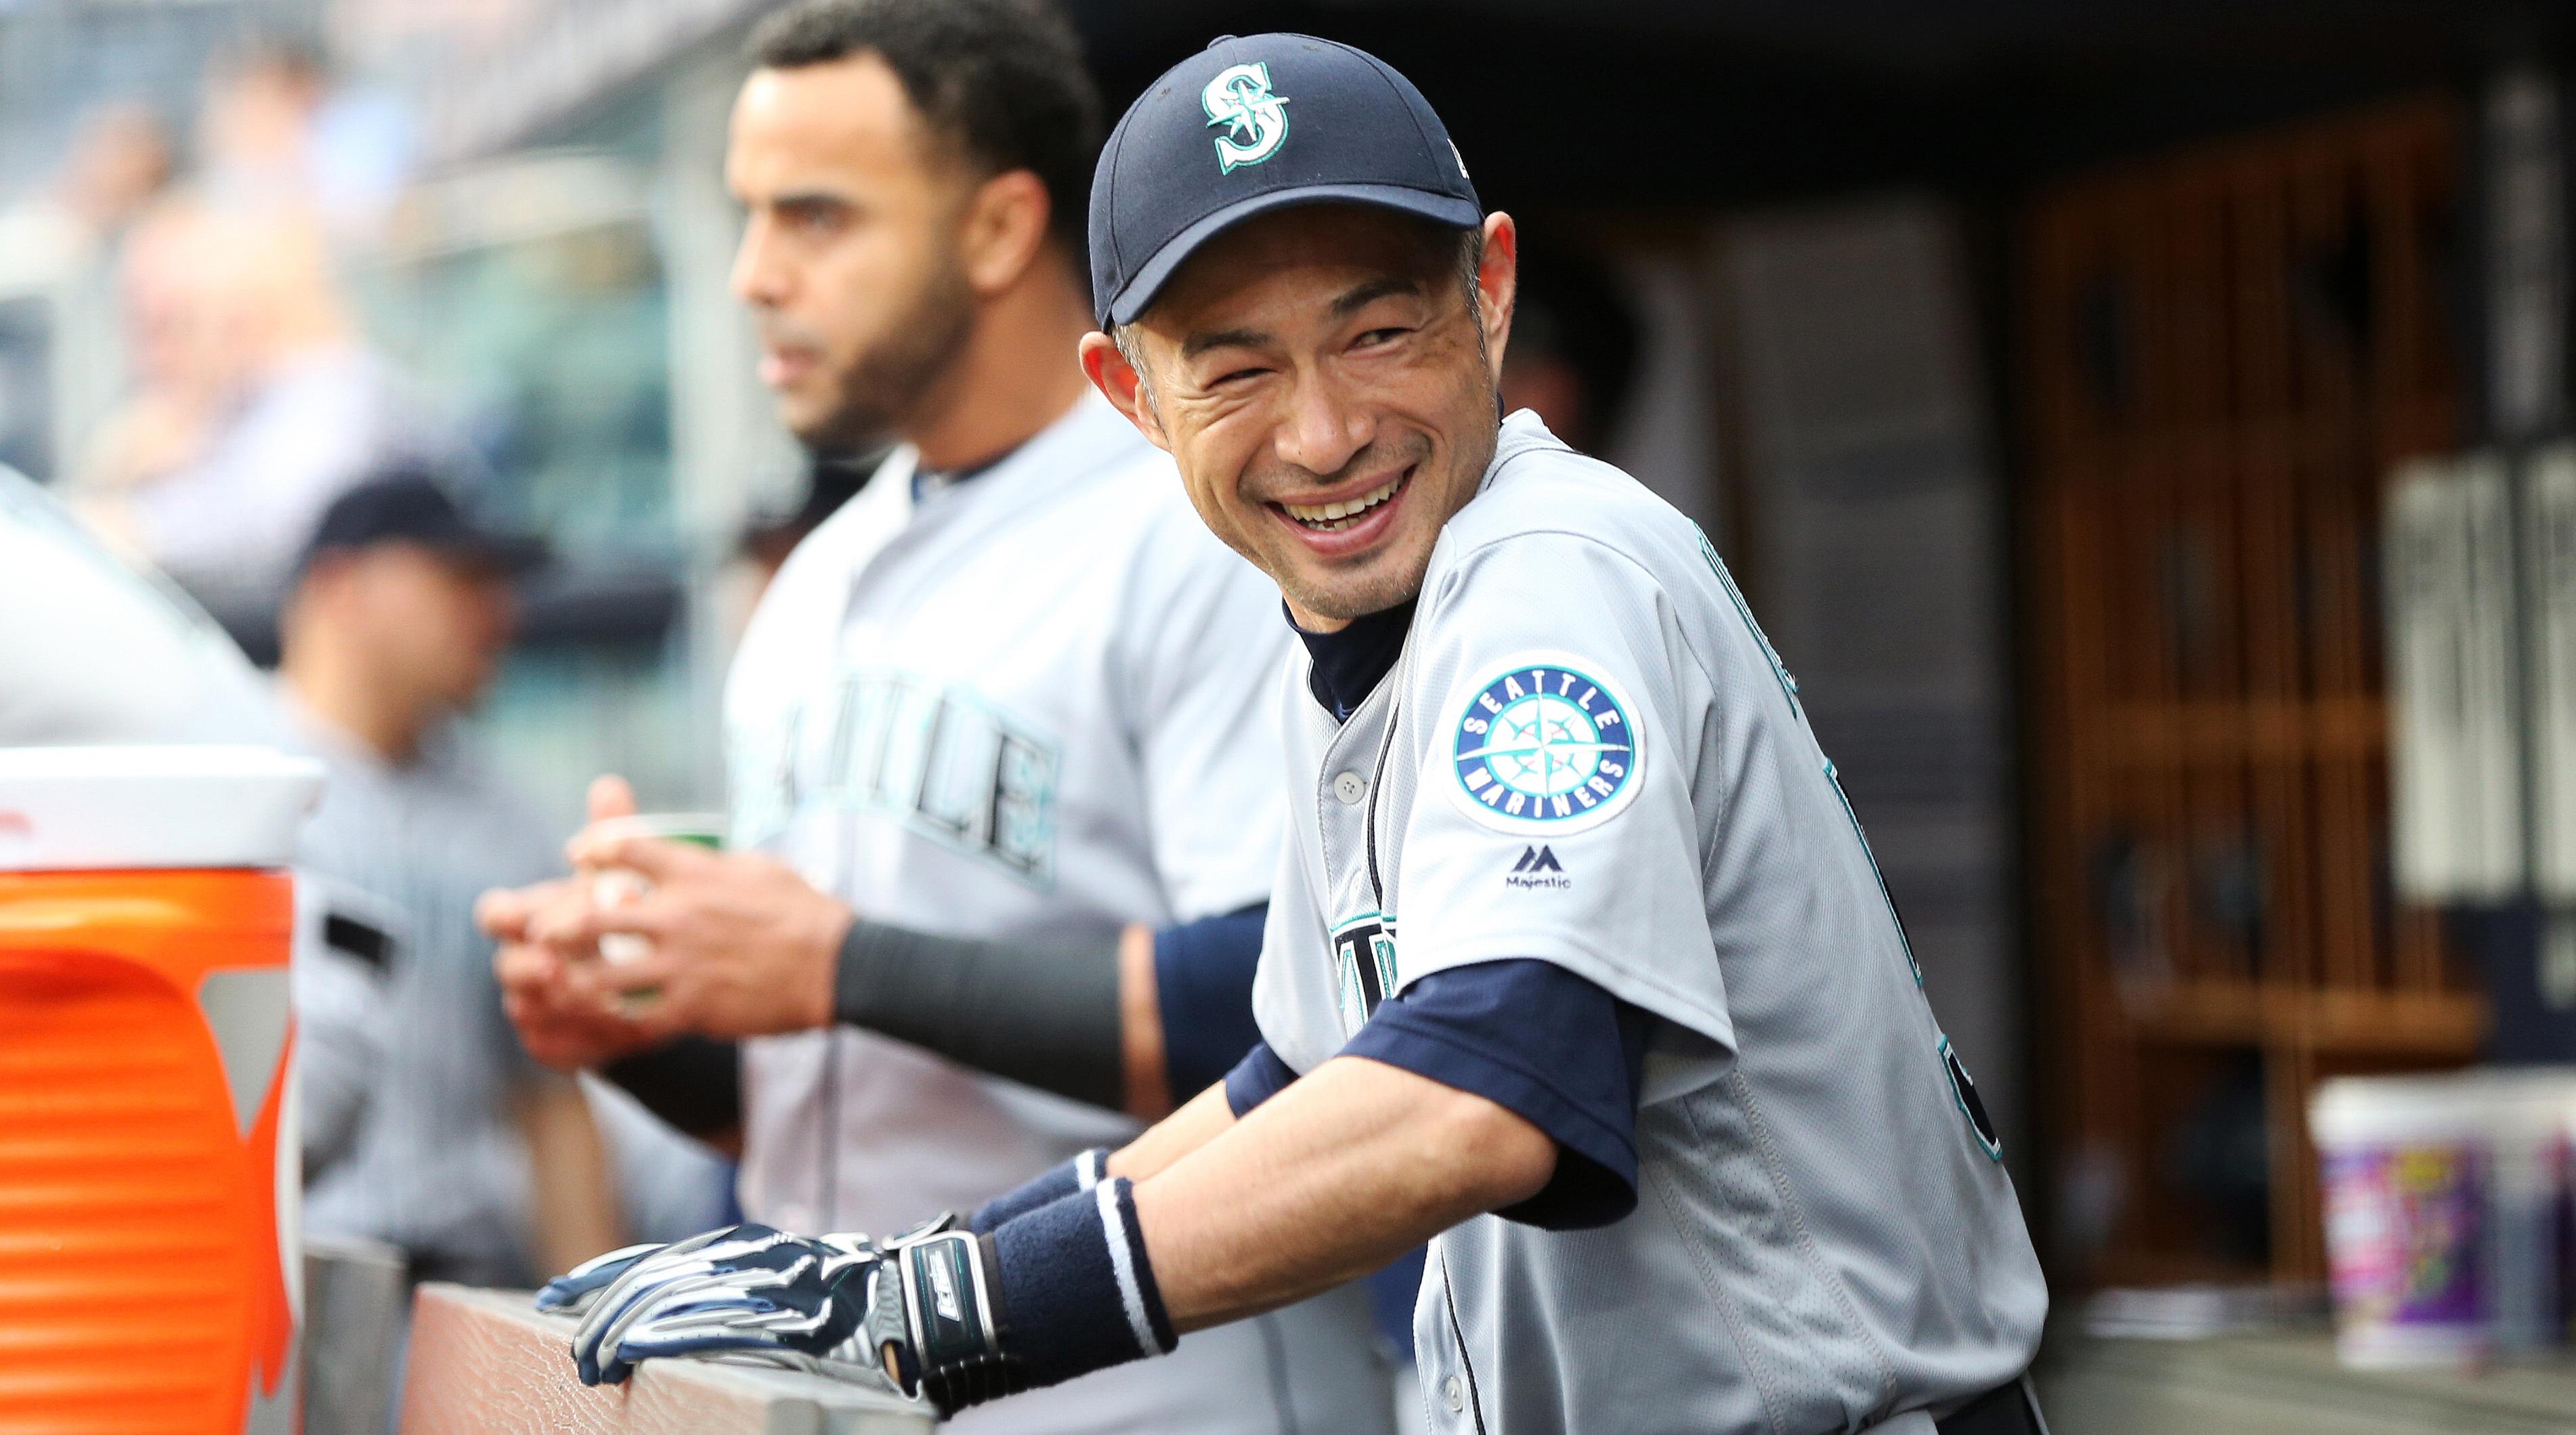 Ichiro-mustache-disguise